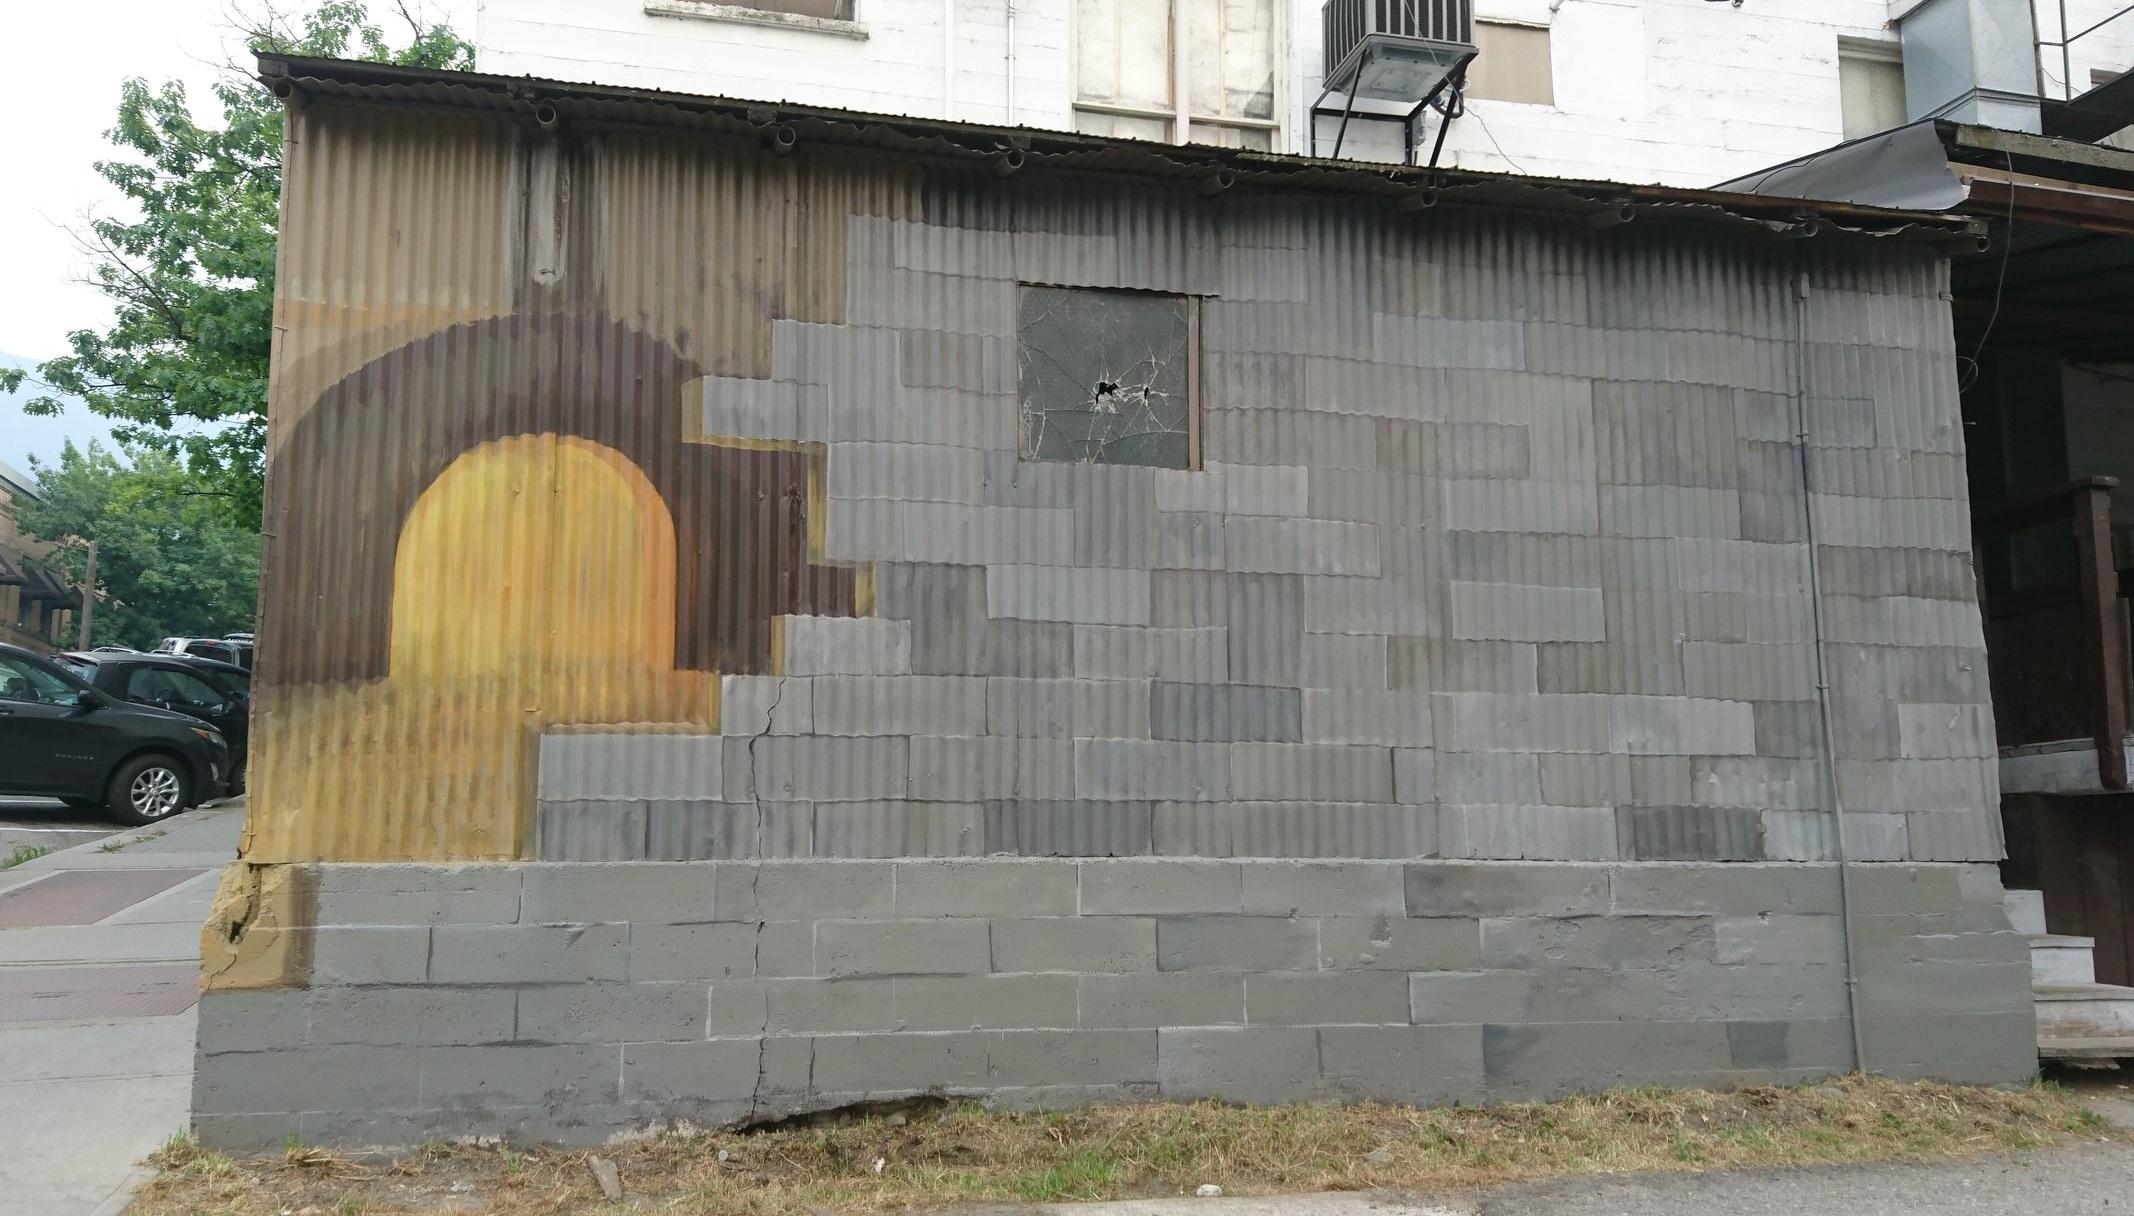 Mural-Festival-The-Color-Dreamers2.JPG.JPG